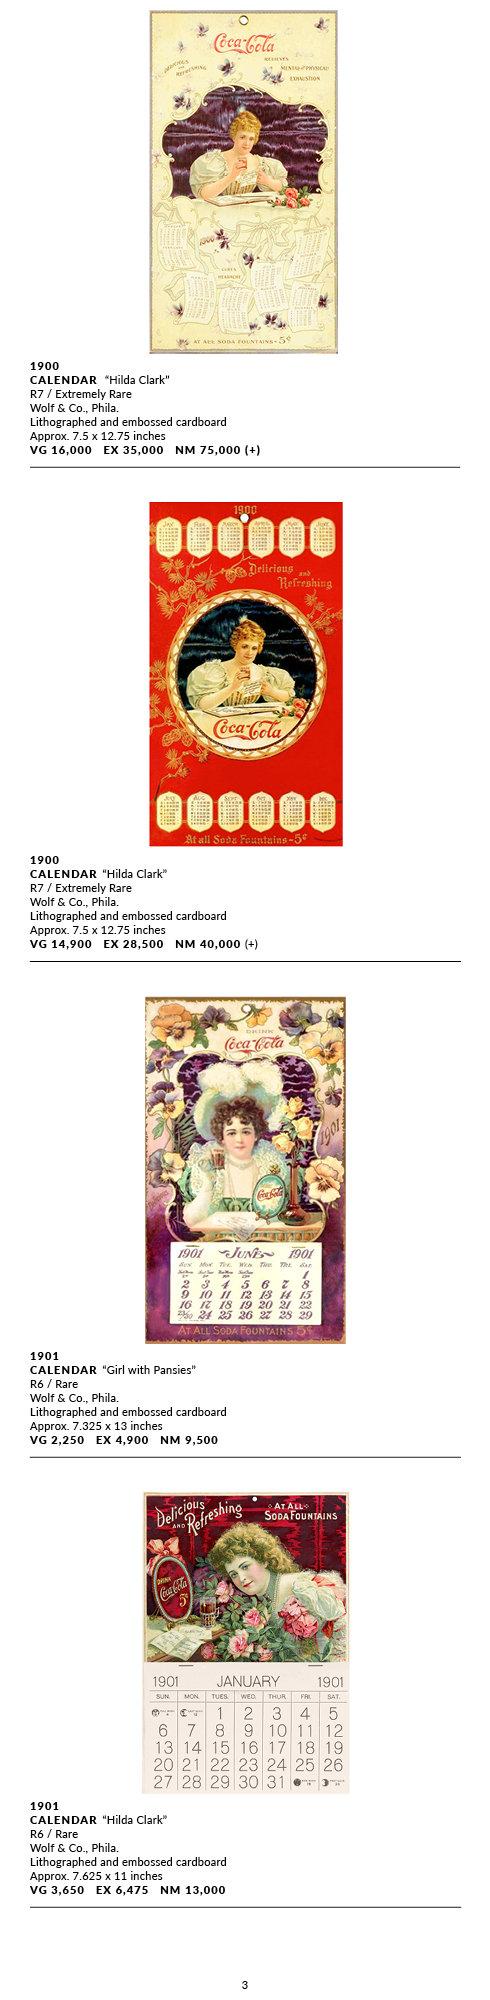 Calendars_1890-1929_(1921)3.jpg